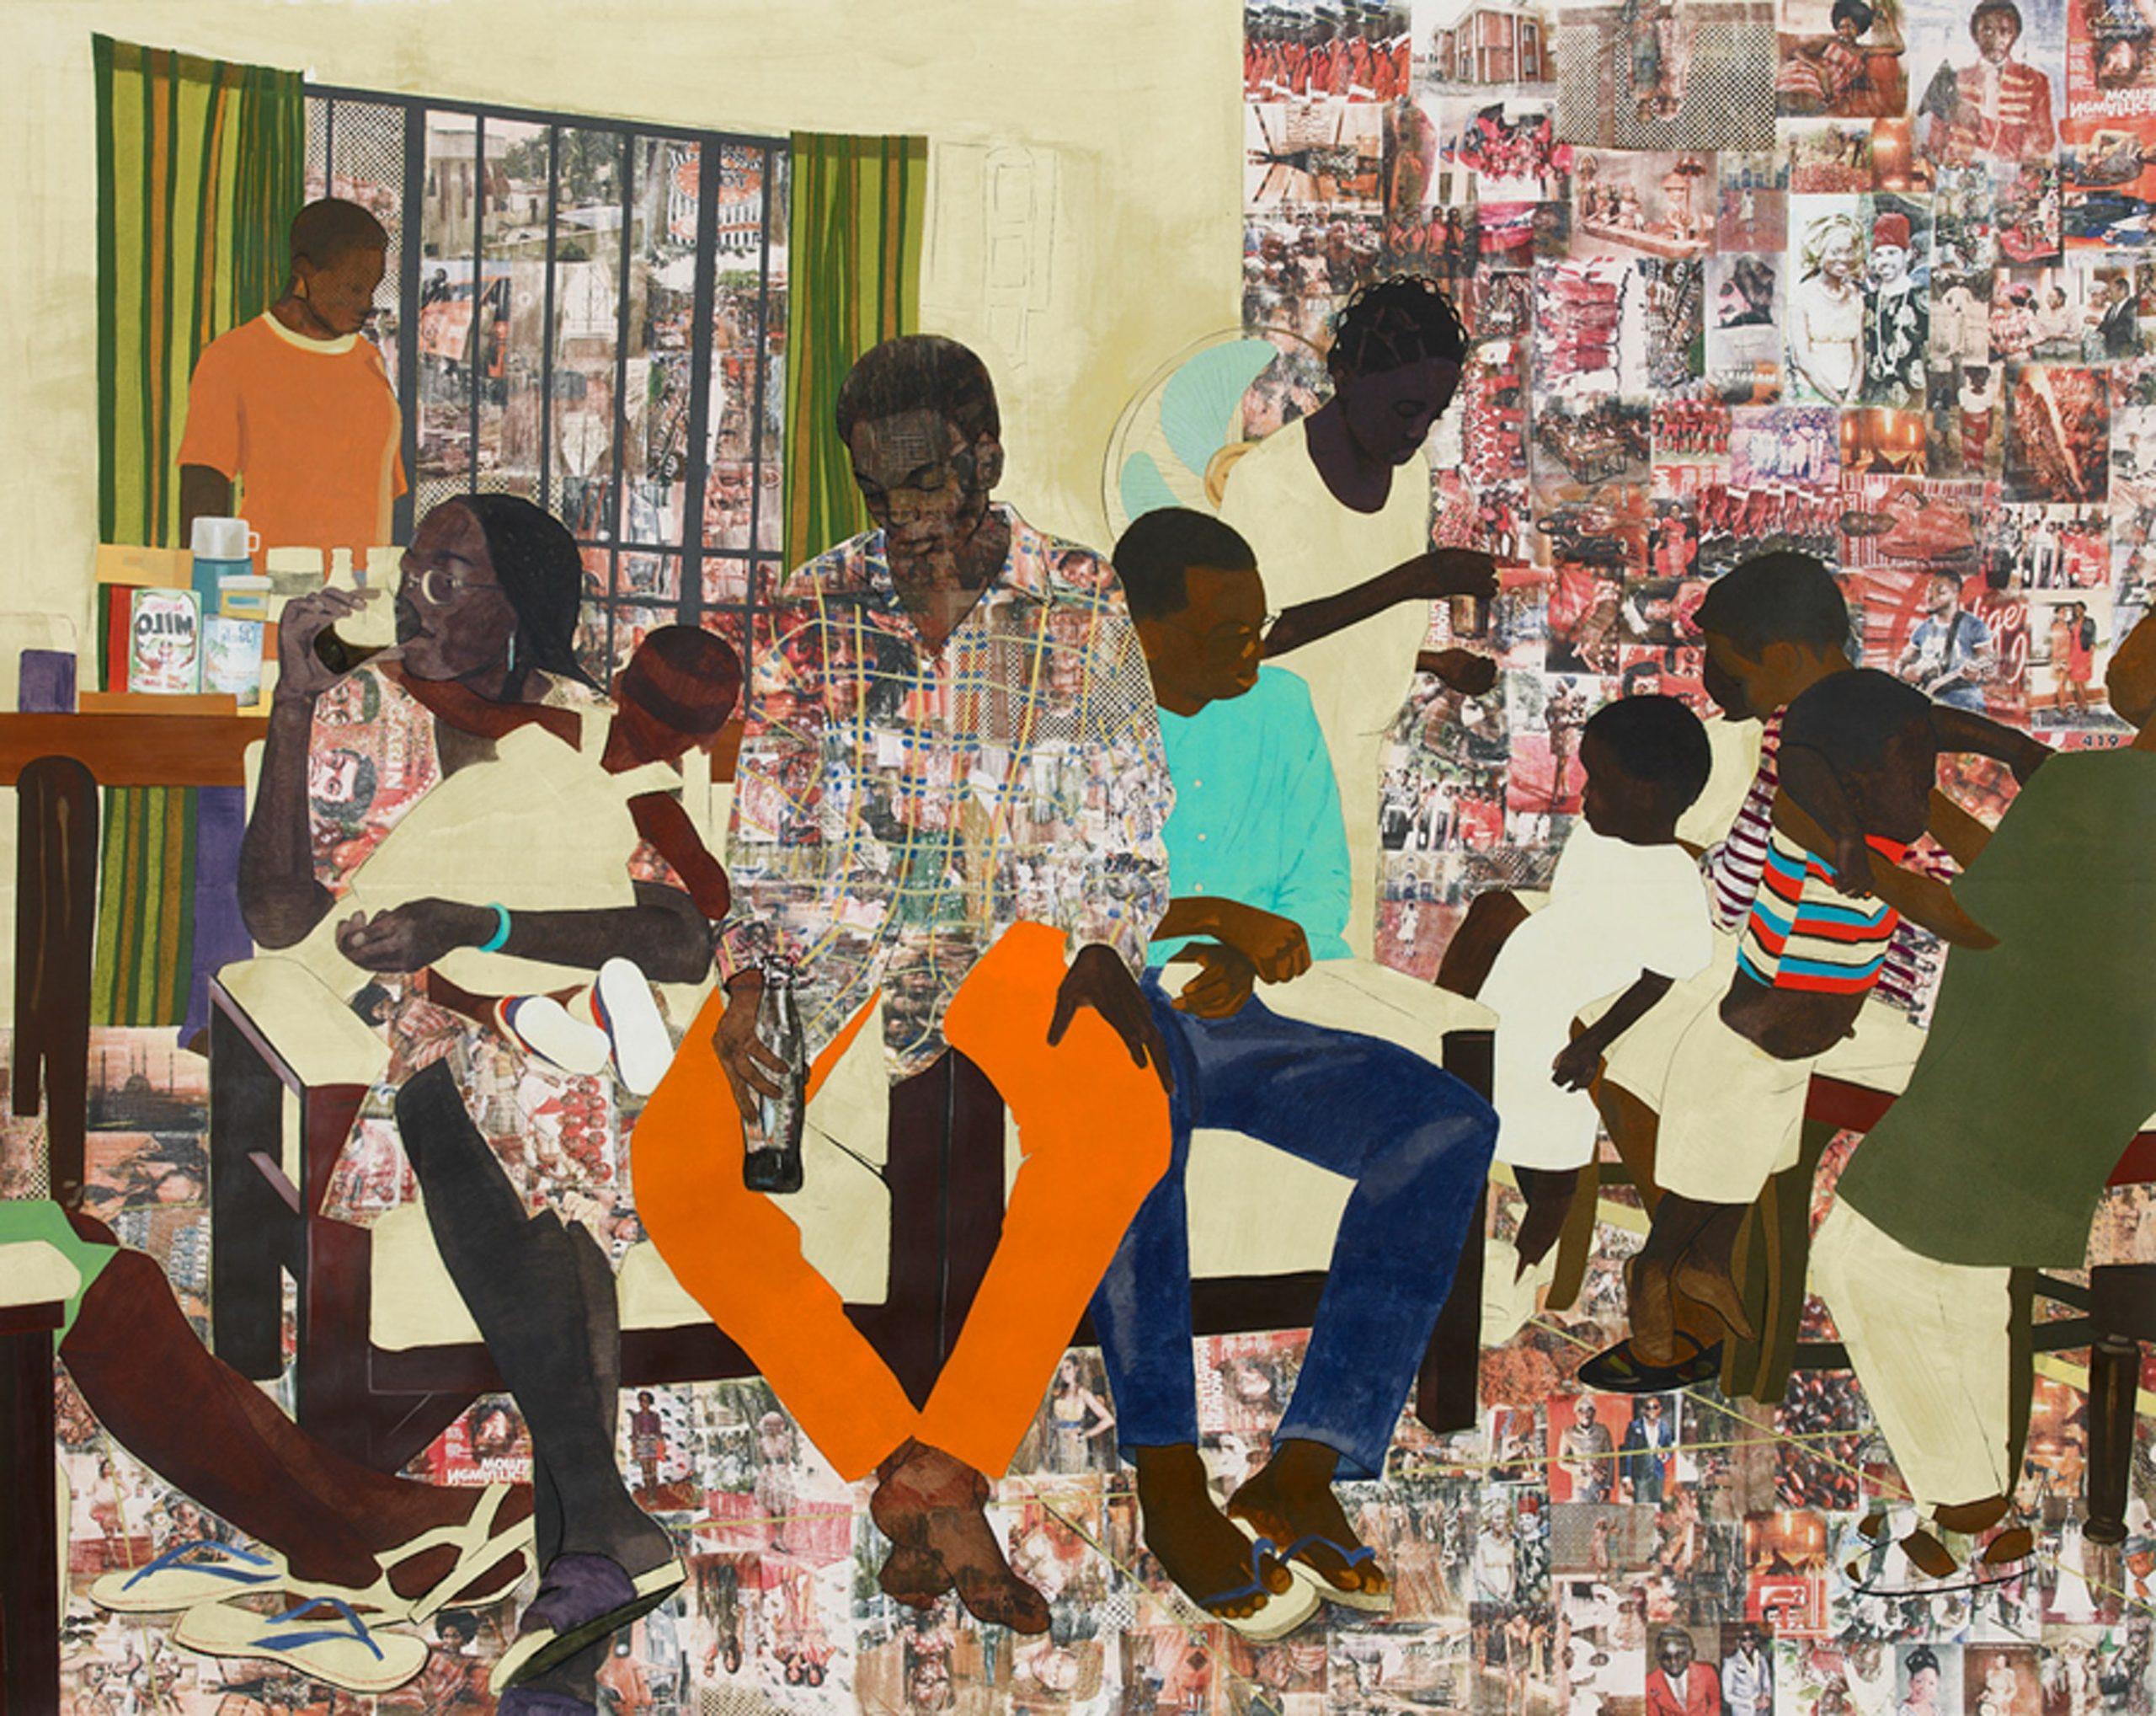 Njideka Akunyili Crosby, 5 Umezebi Street, New Haven, Enugu (2012)